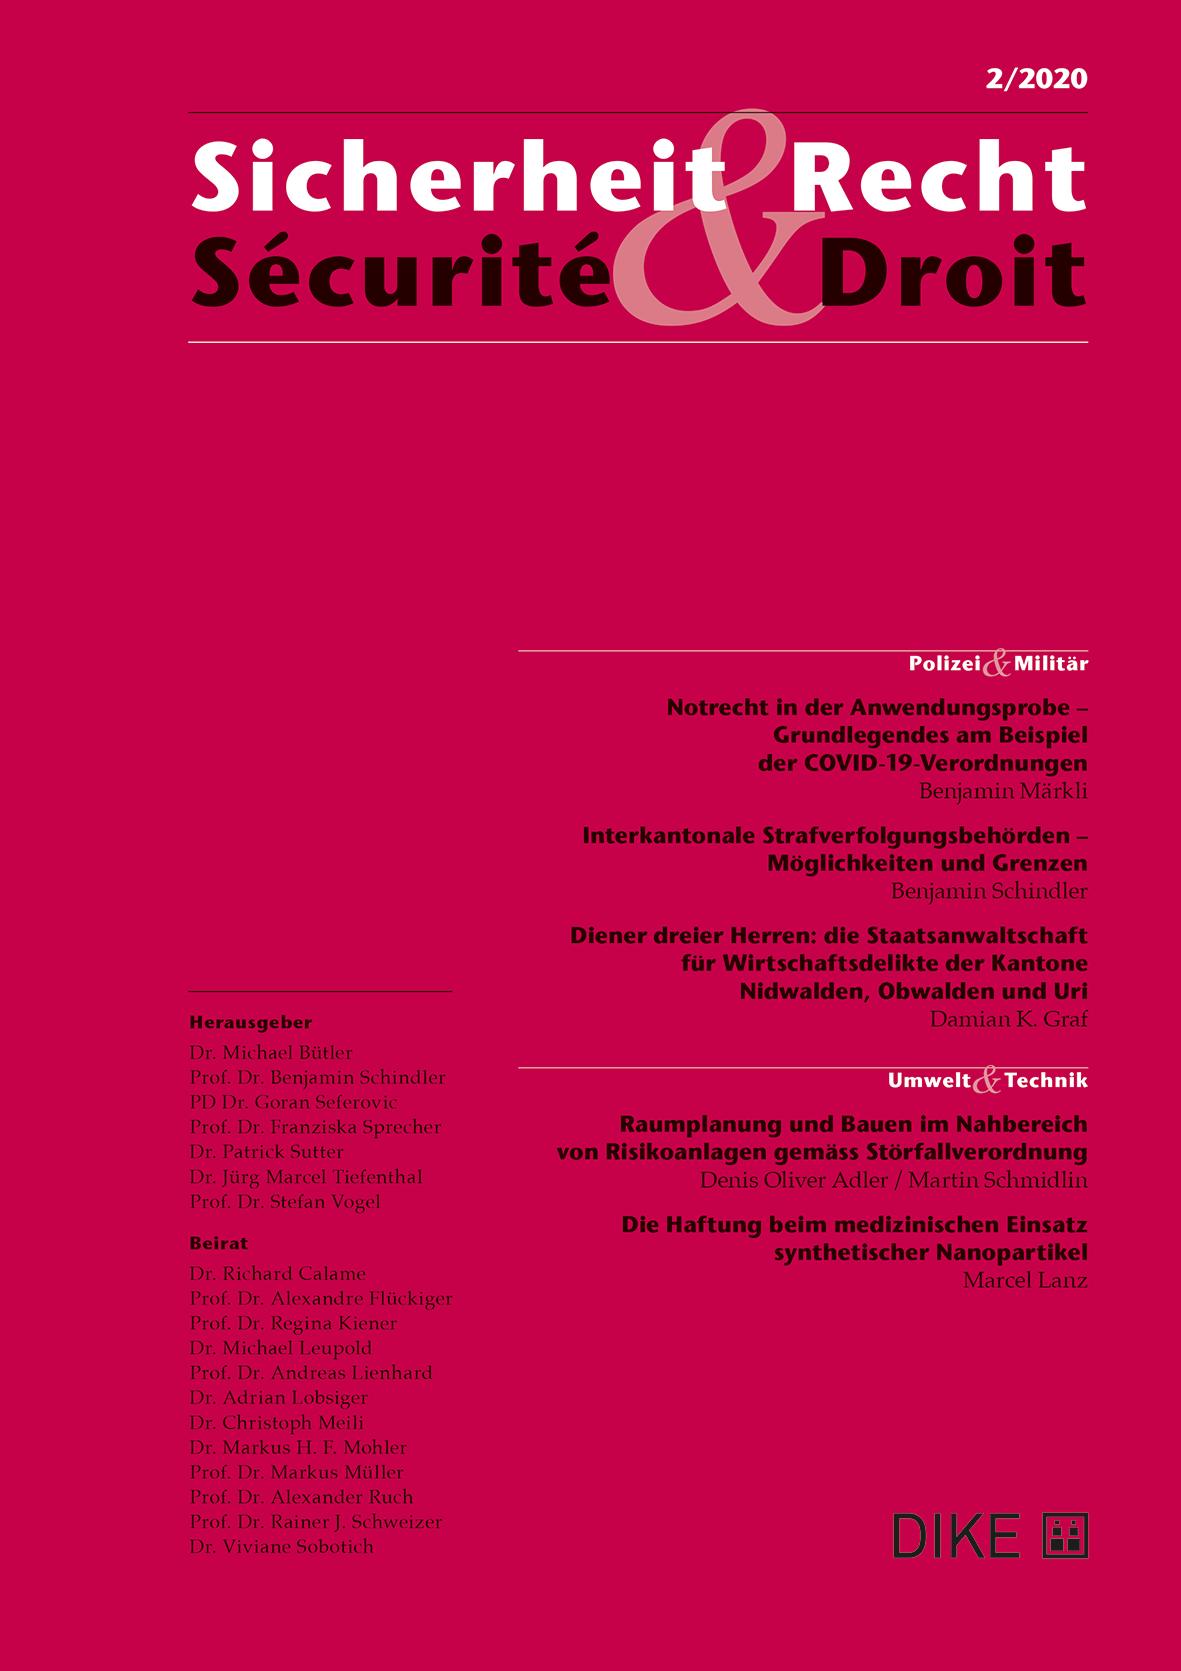 Sicherheit & Recht / Sécurité & Droit 2/2020